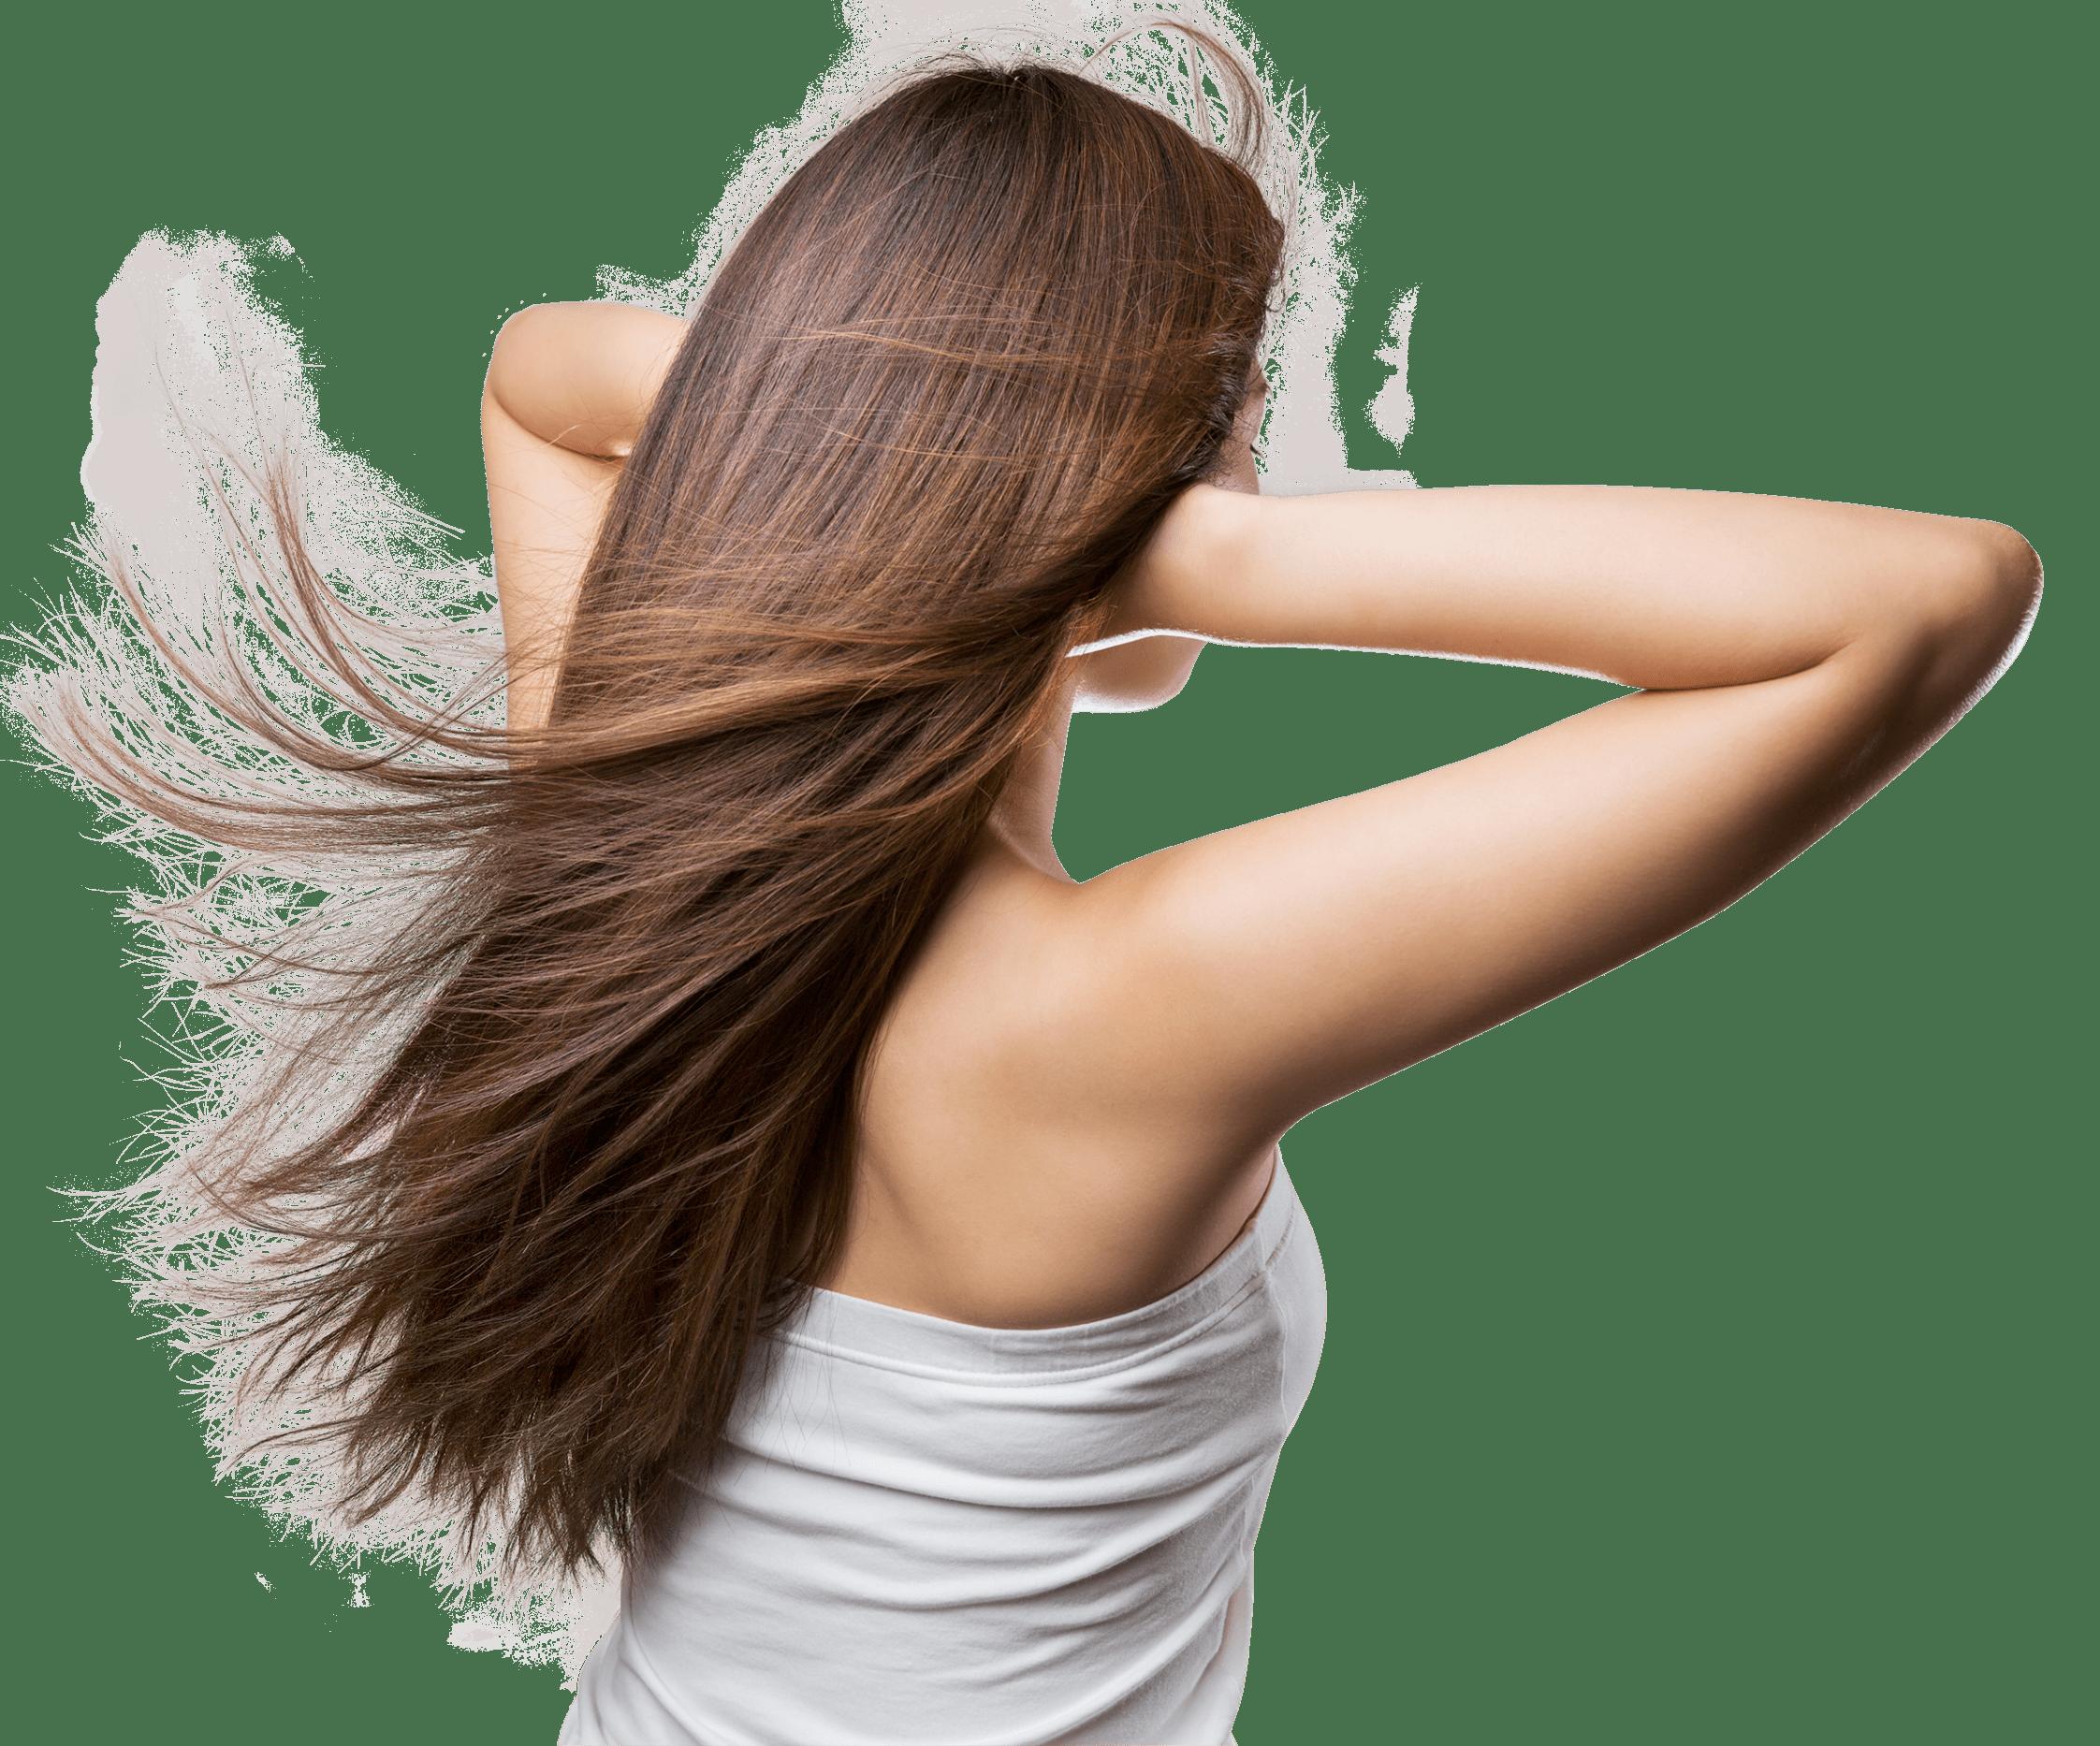 髪をかき上げる女性の写真